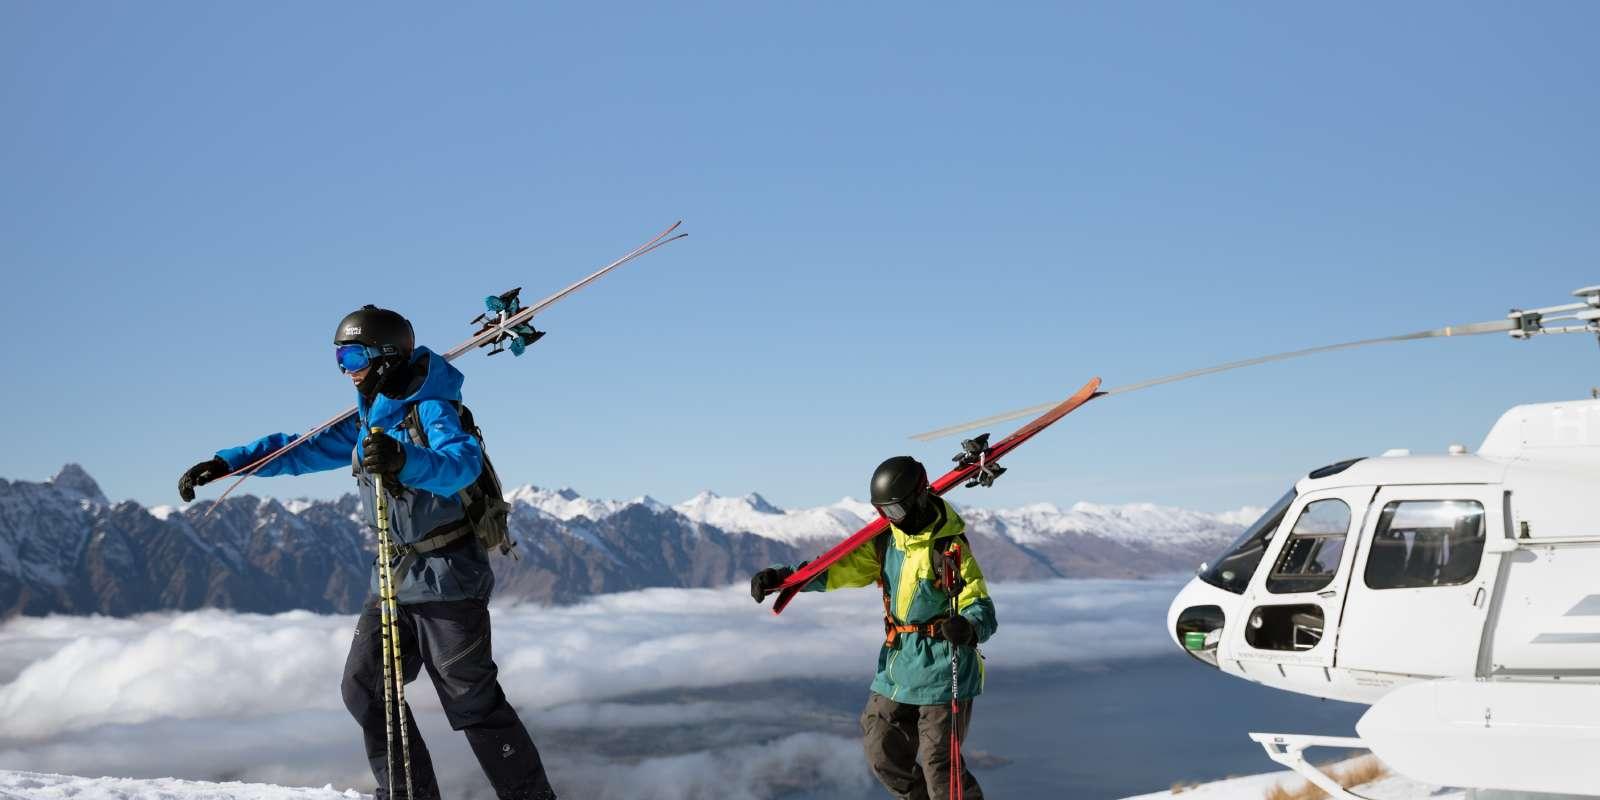 Heli-skiing in Queenstown